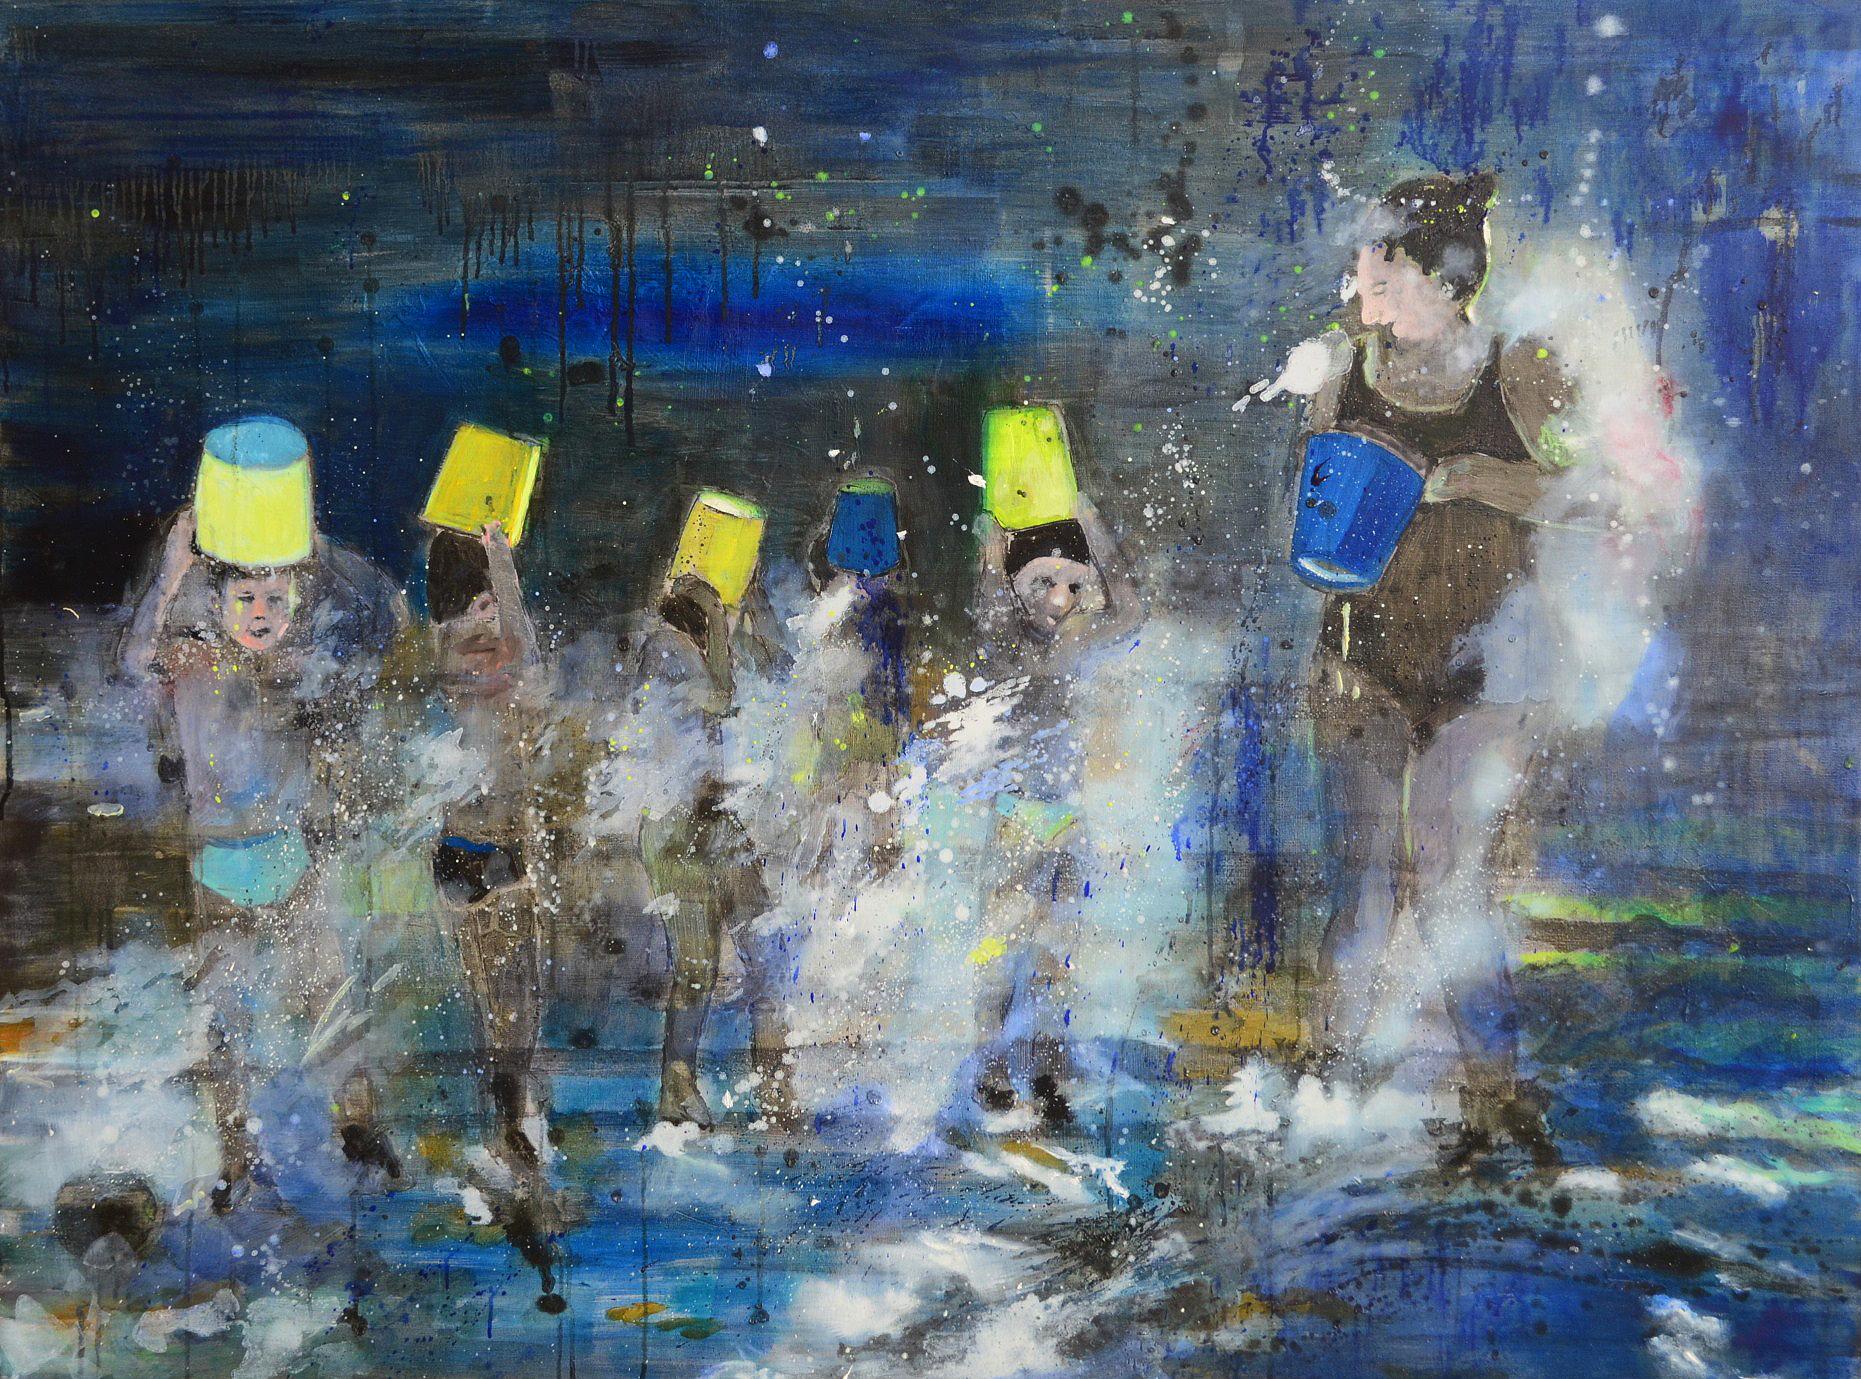 Water fun II, 2013